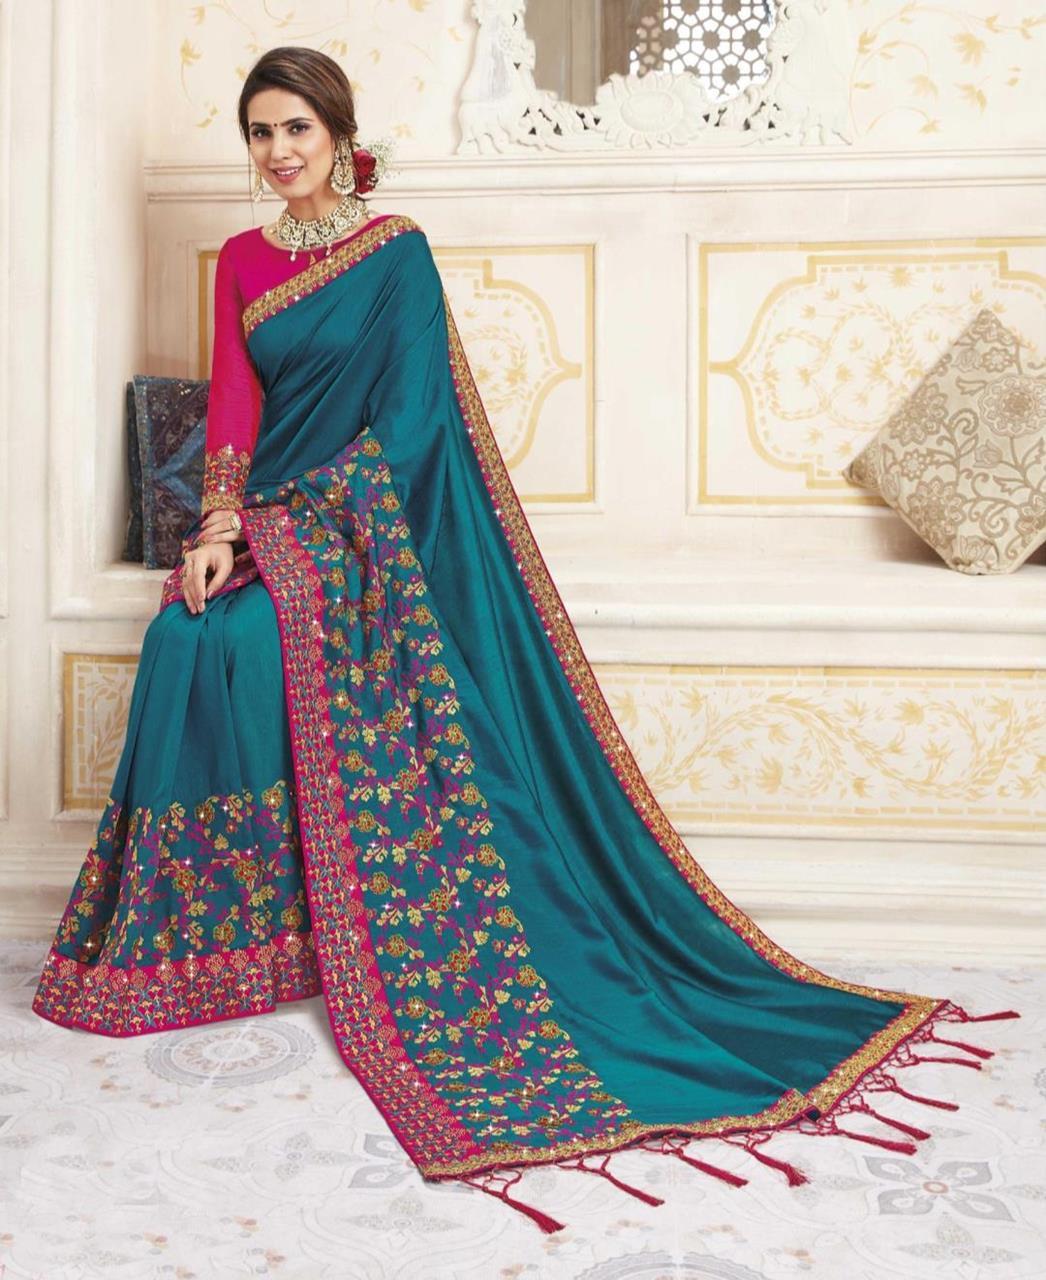 HandWorked Silk Saree in Teal Blue